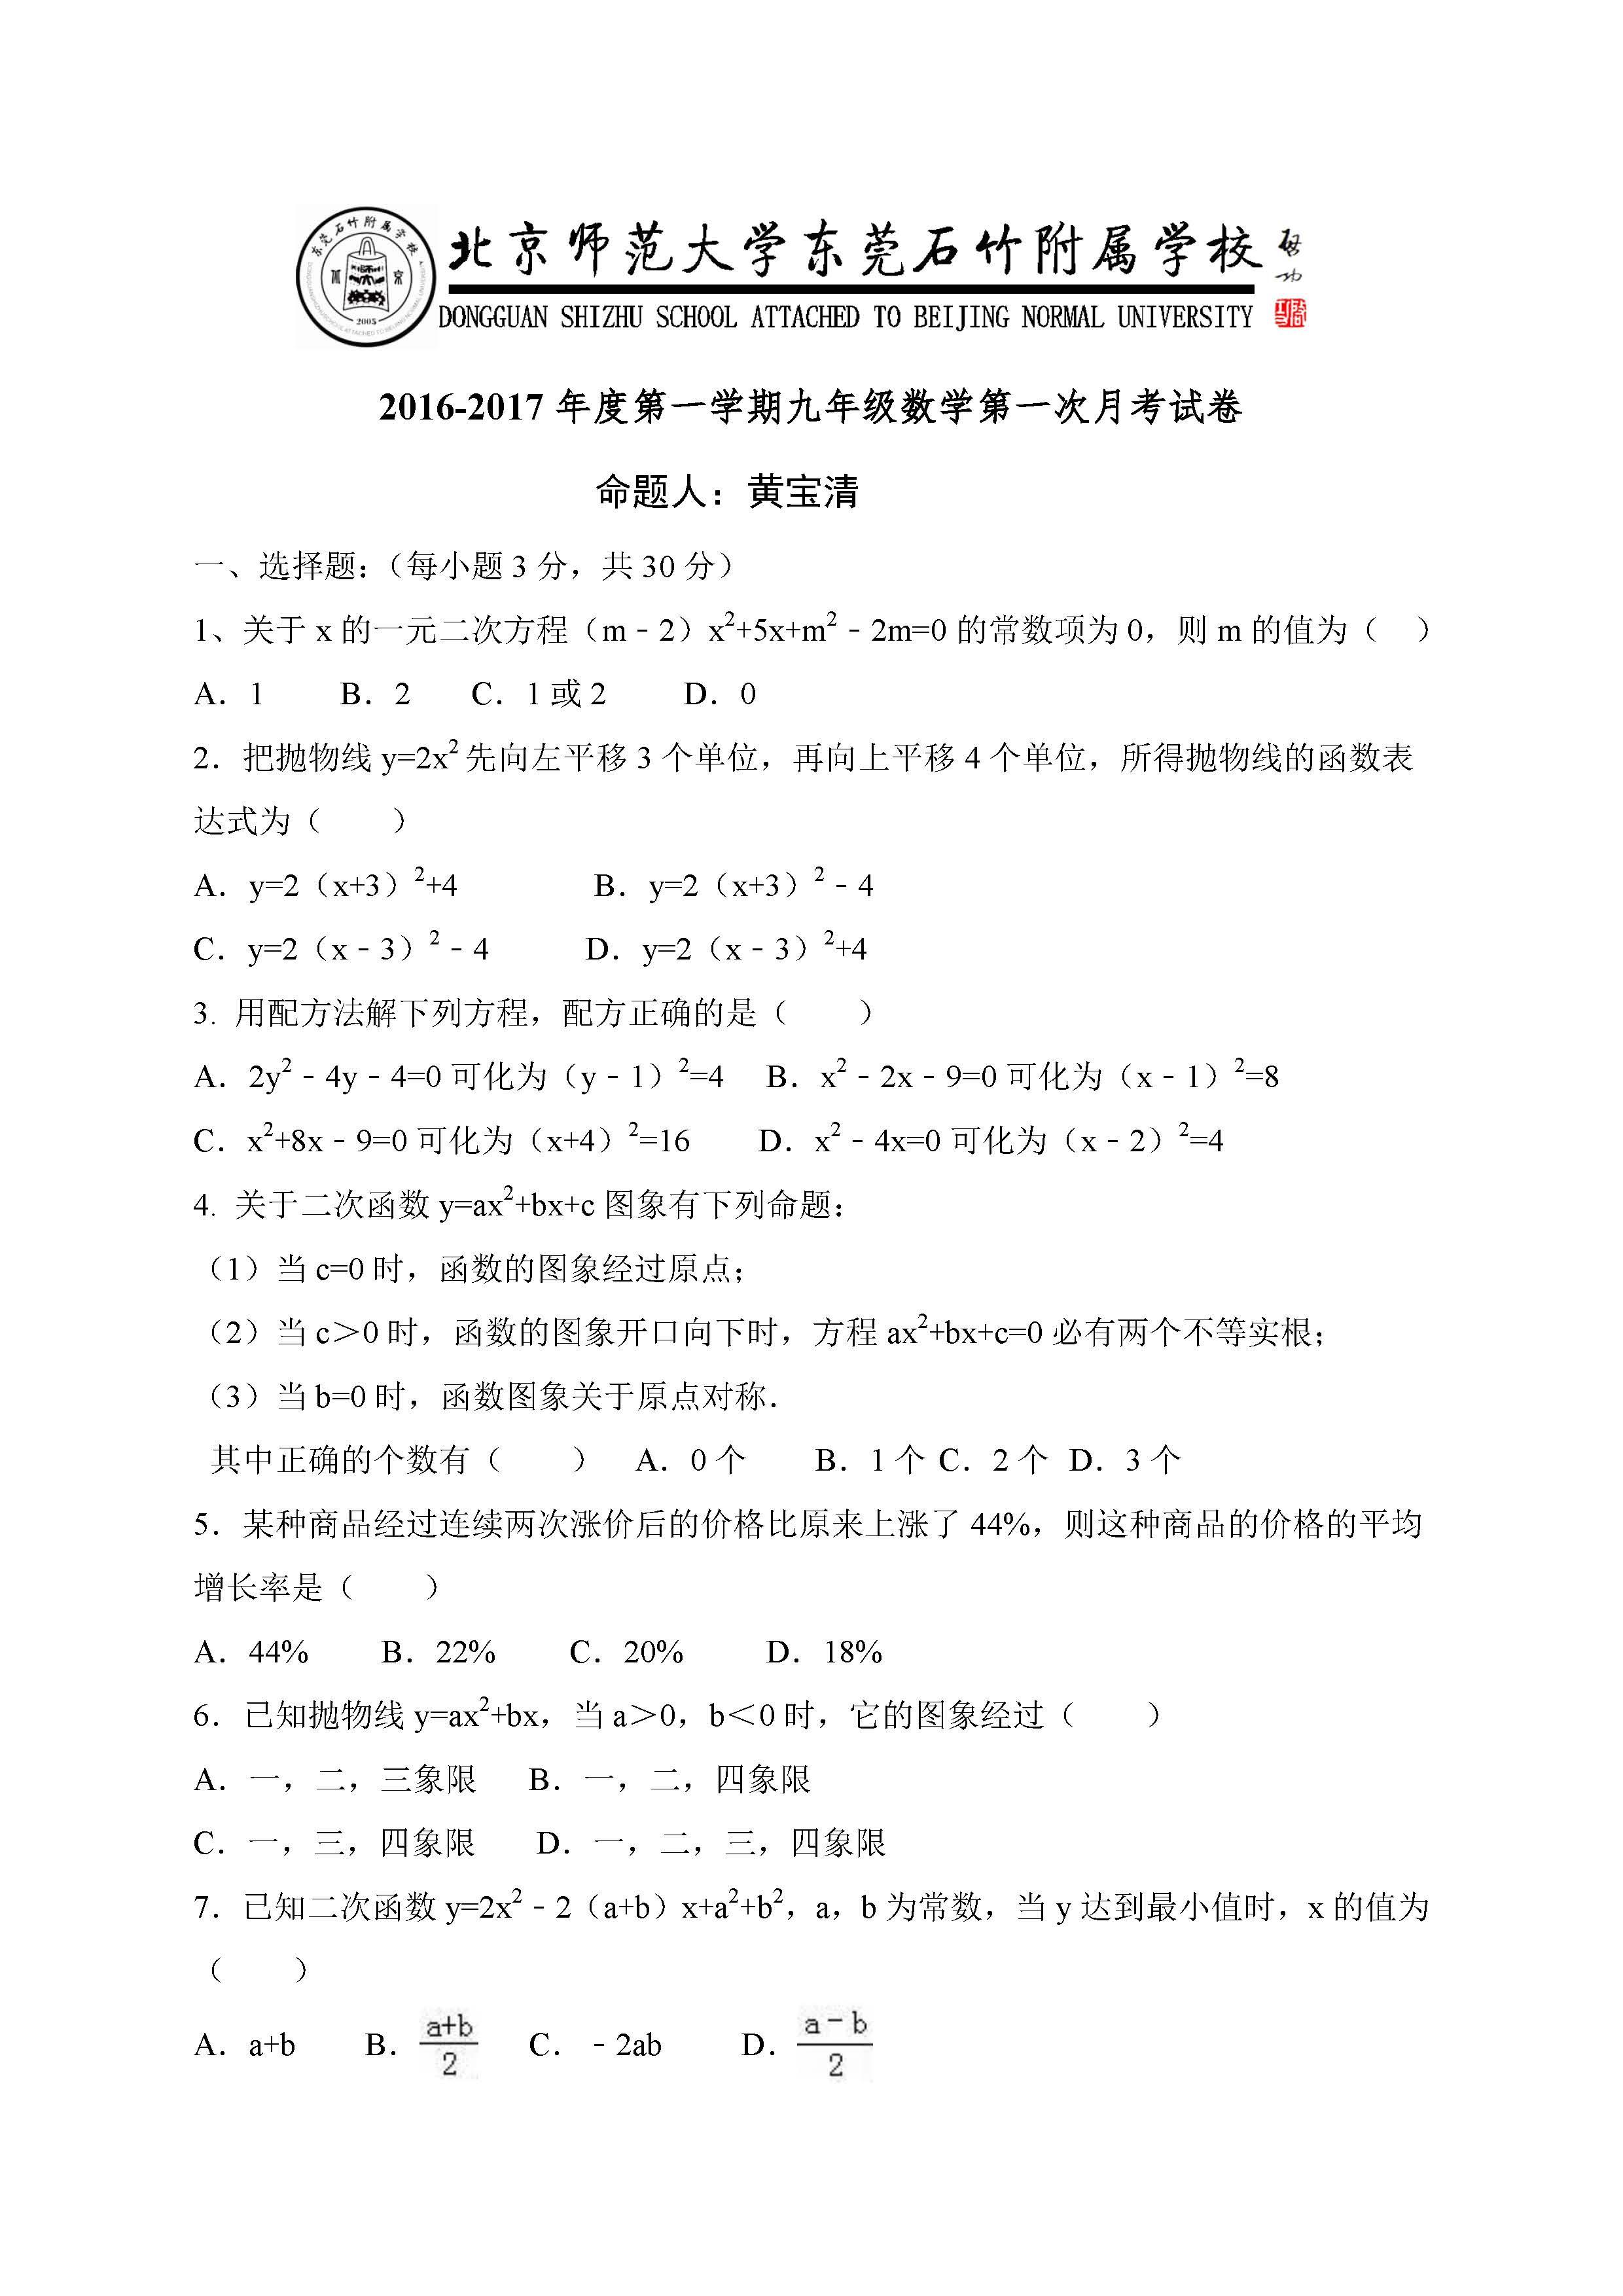 2016北师大附属东莞石竹附属学校九年级第一次月考数学试题